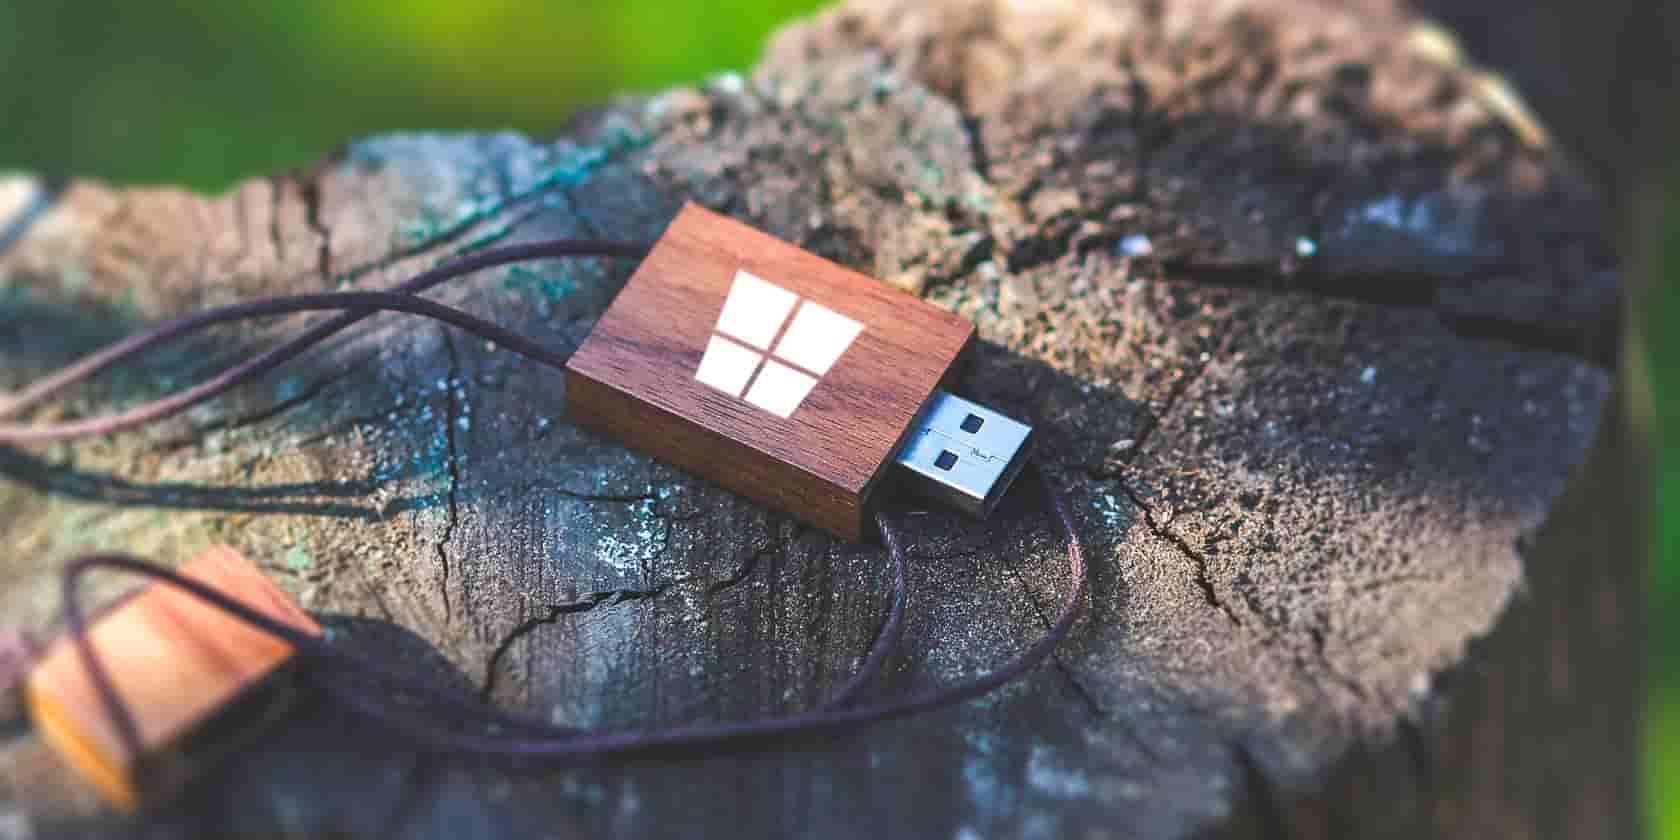 نحوه نصب ویندوز 10 از طریق درایو USB قابل بوت - چیکاو